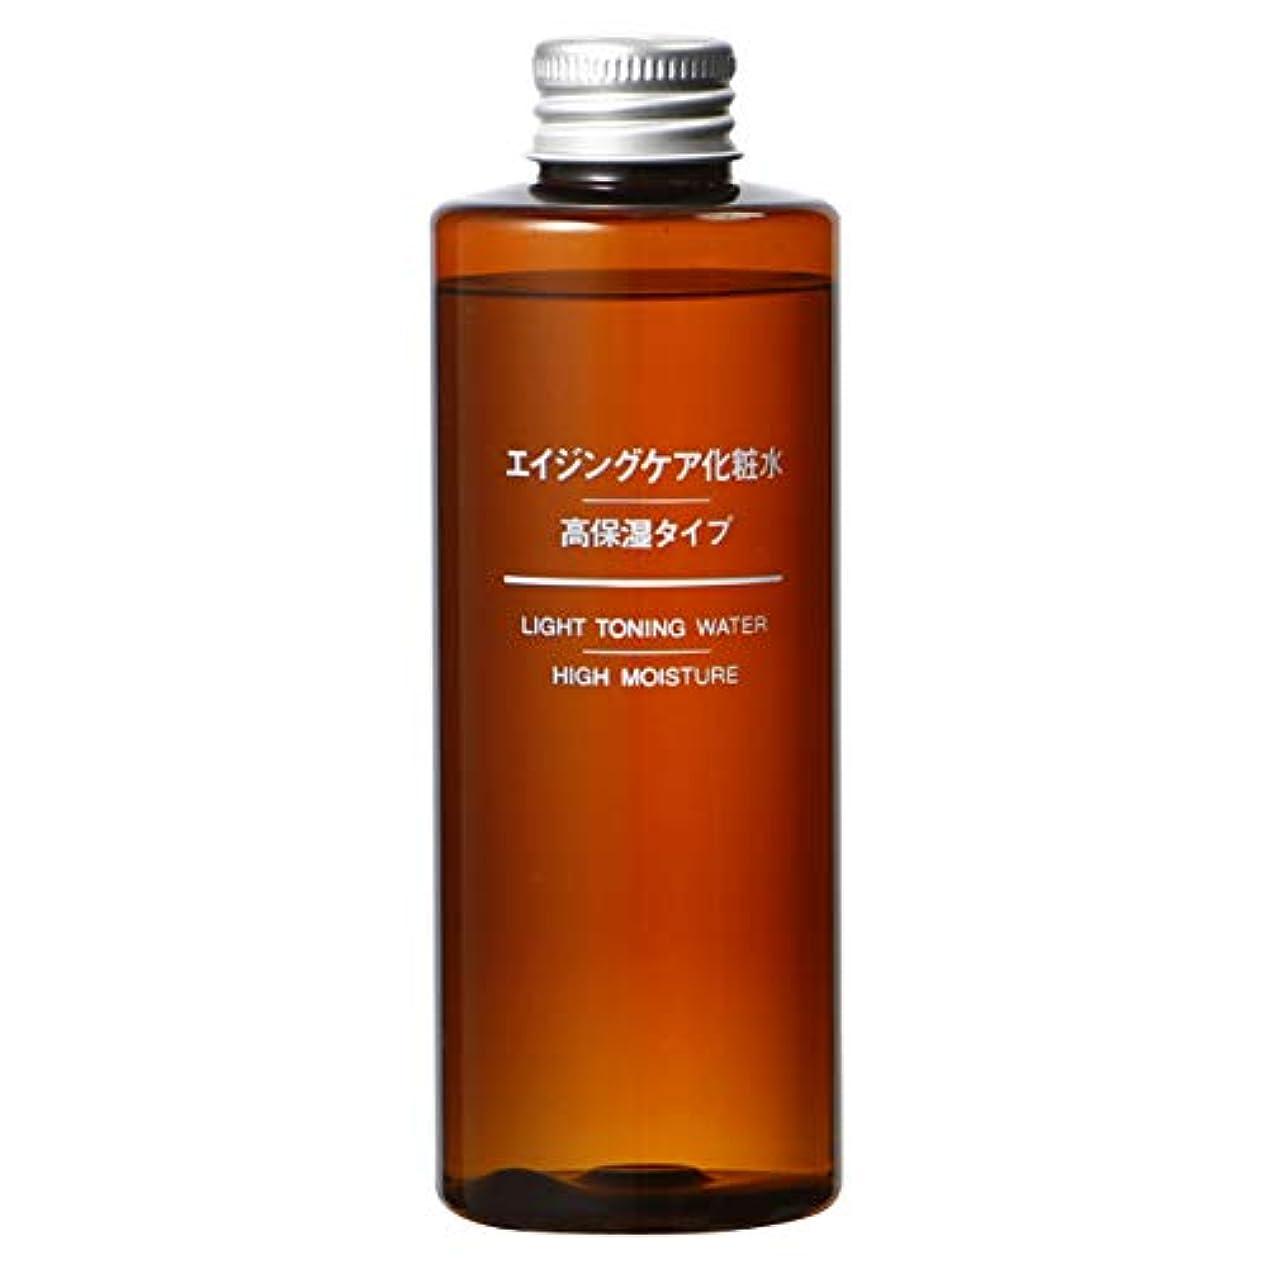 無印良品 エイジングケア化粧水?高保湿タイプ 200ml